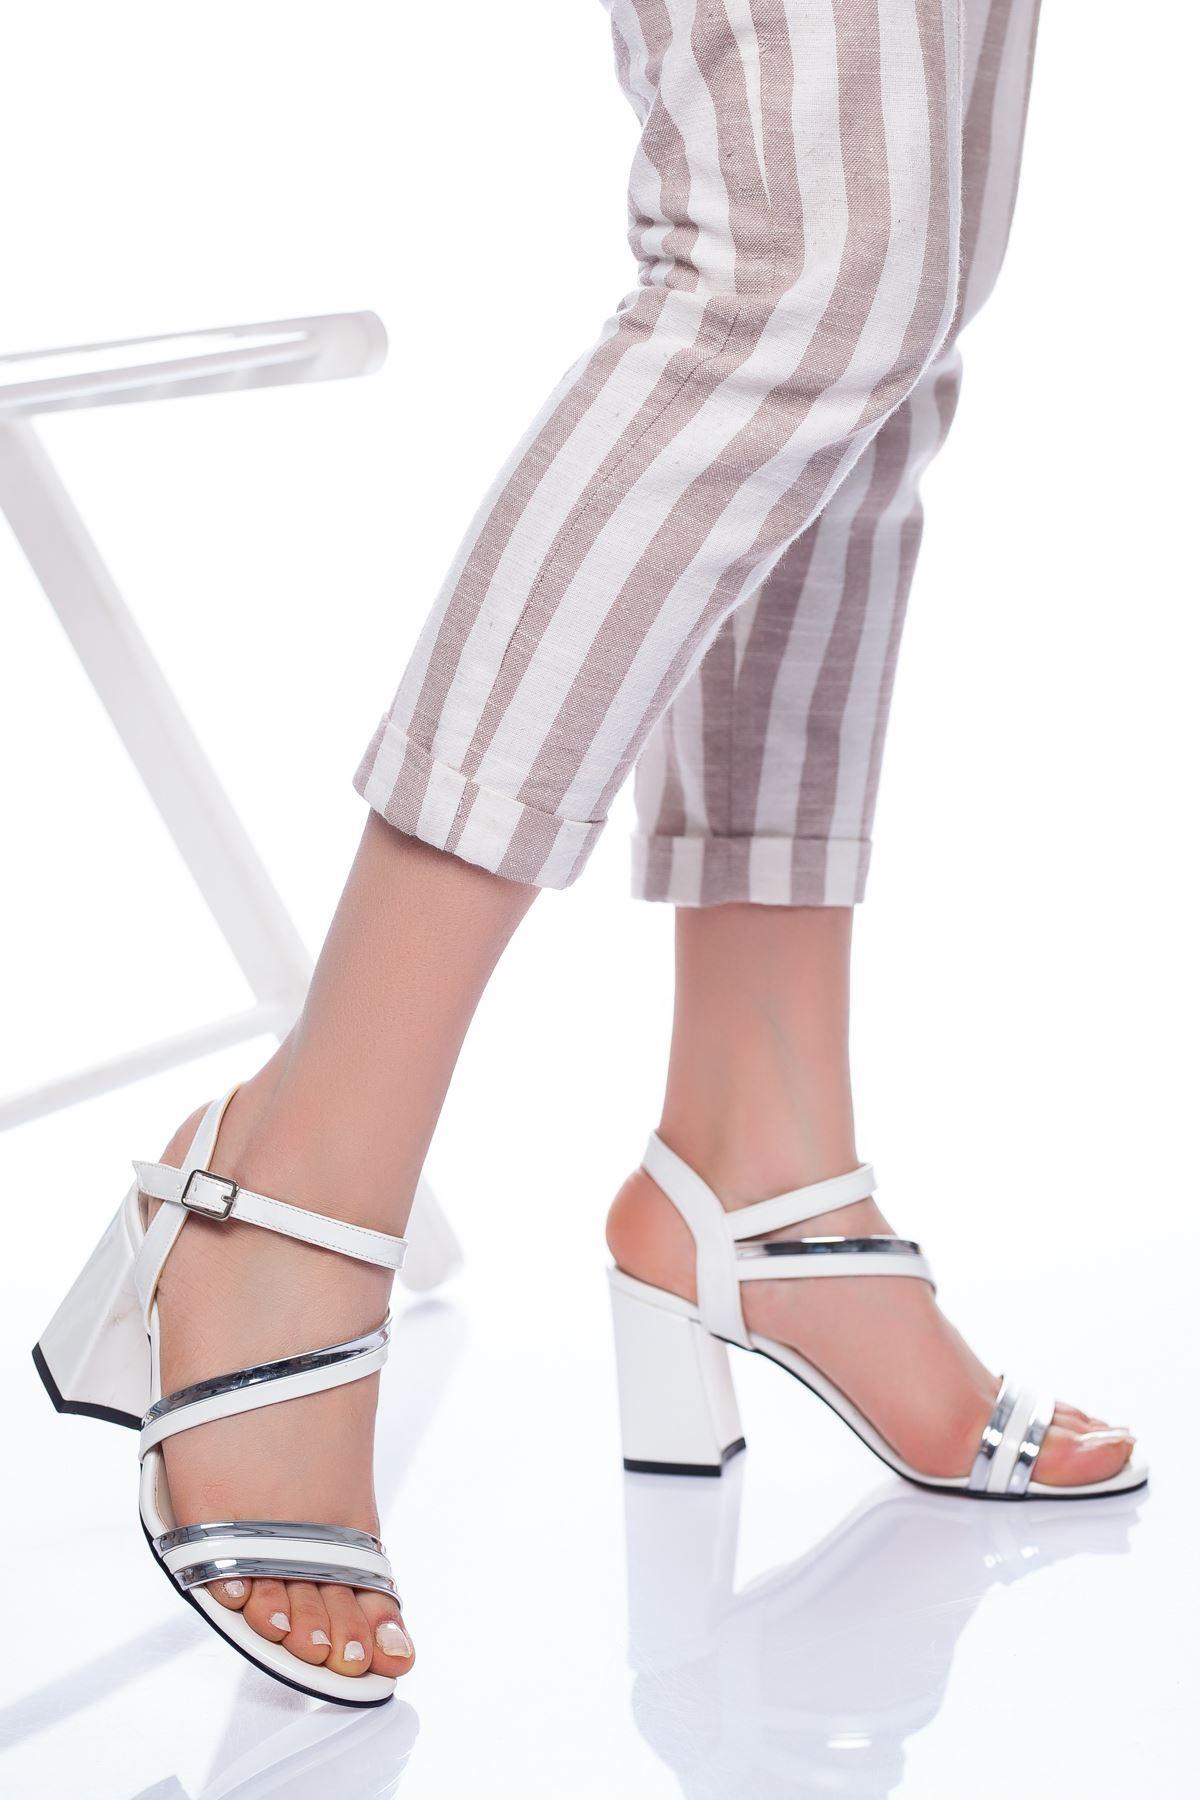 Faren Topuklu Ayakkabı BEYAZ-GÜMÜŞ